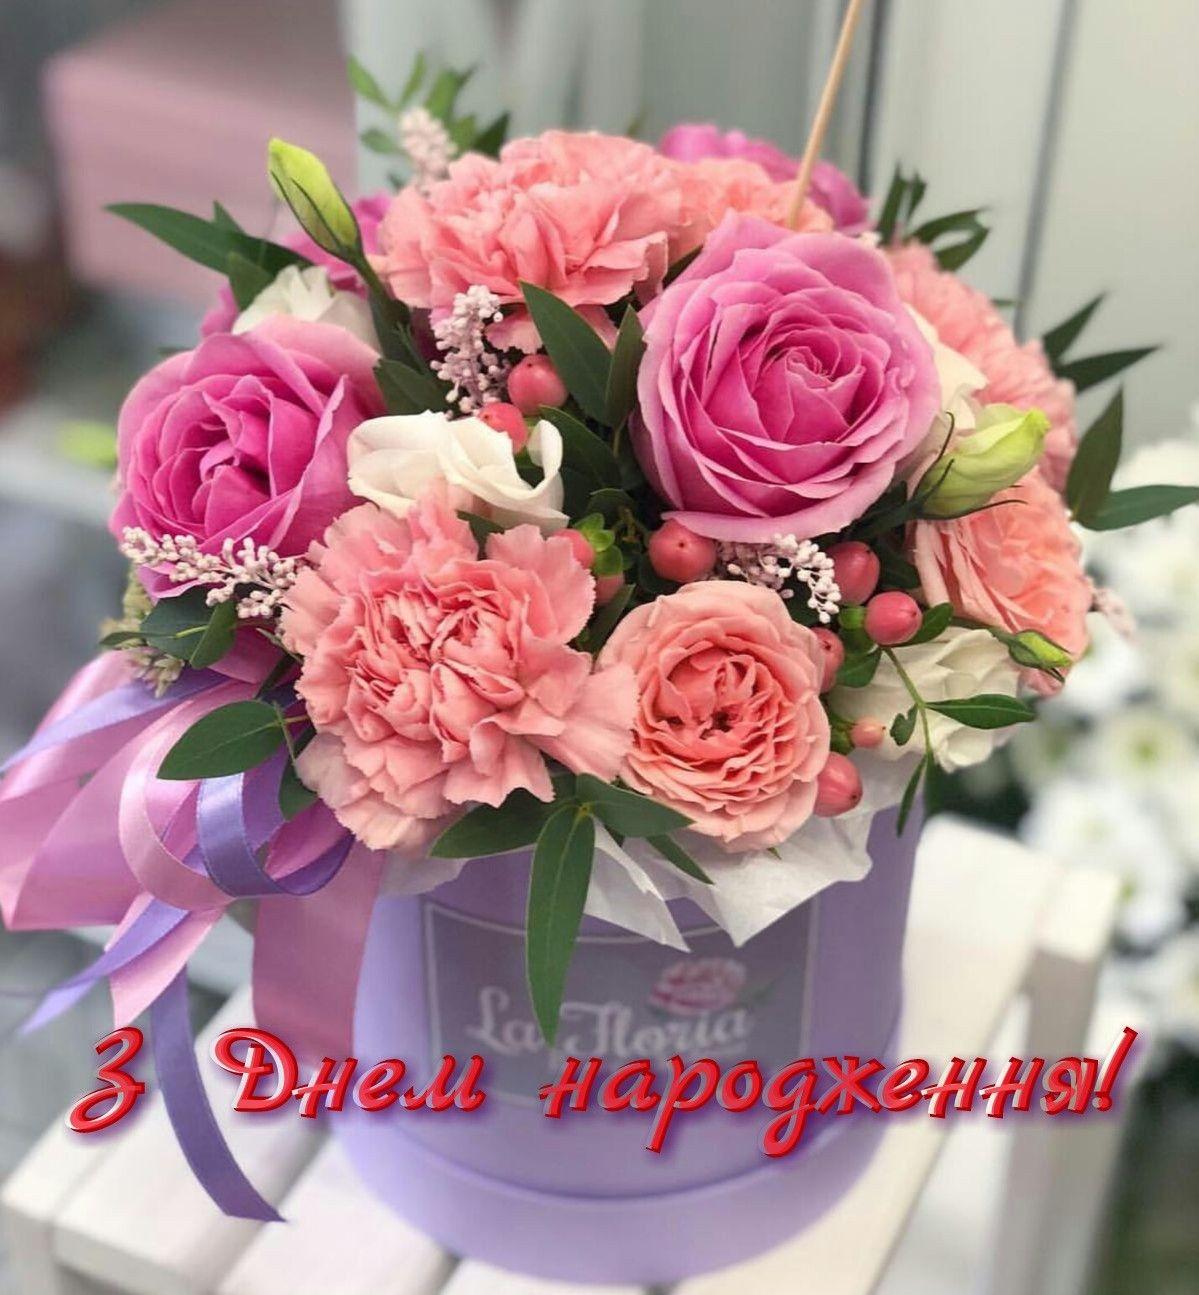 Шановна Валентина Миколаївна!